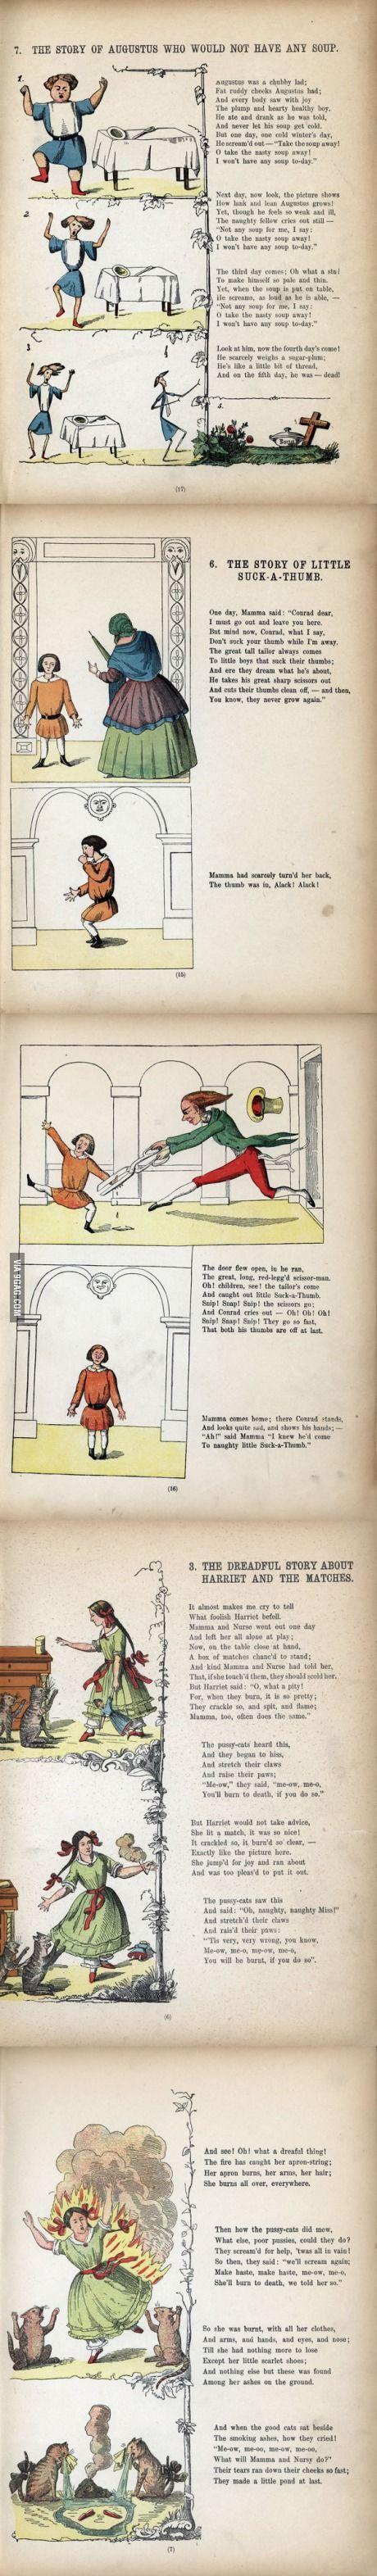 Struwwelpeter, a German children's book from 1845